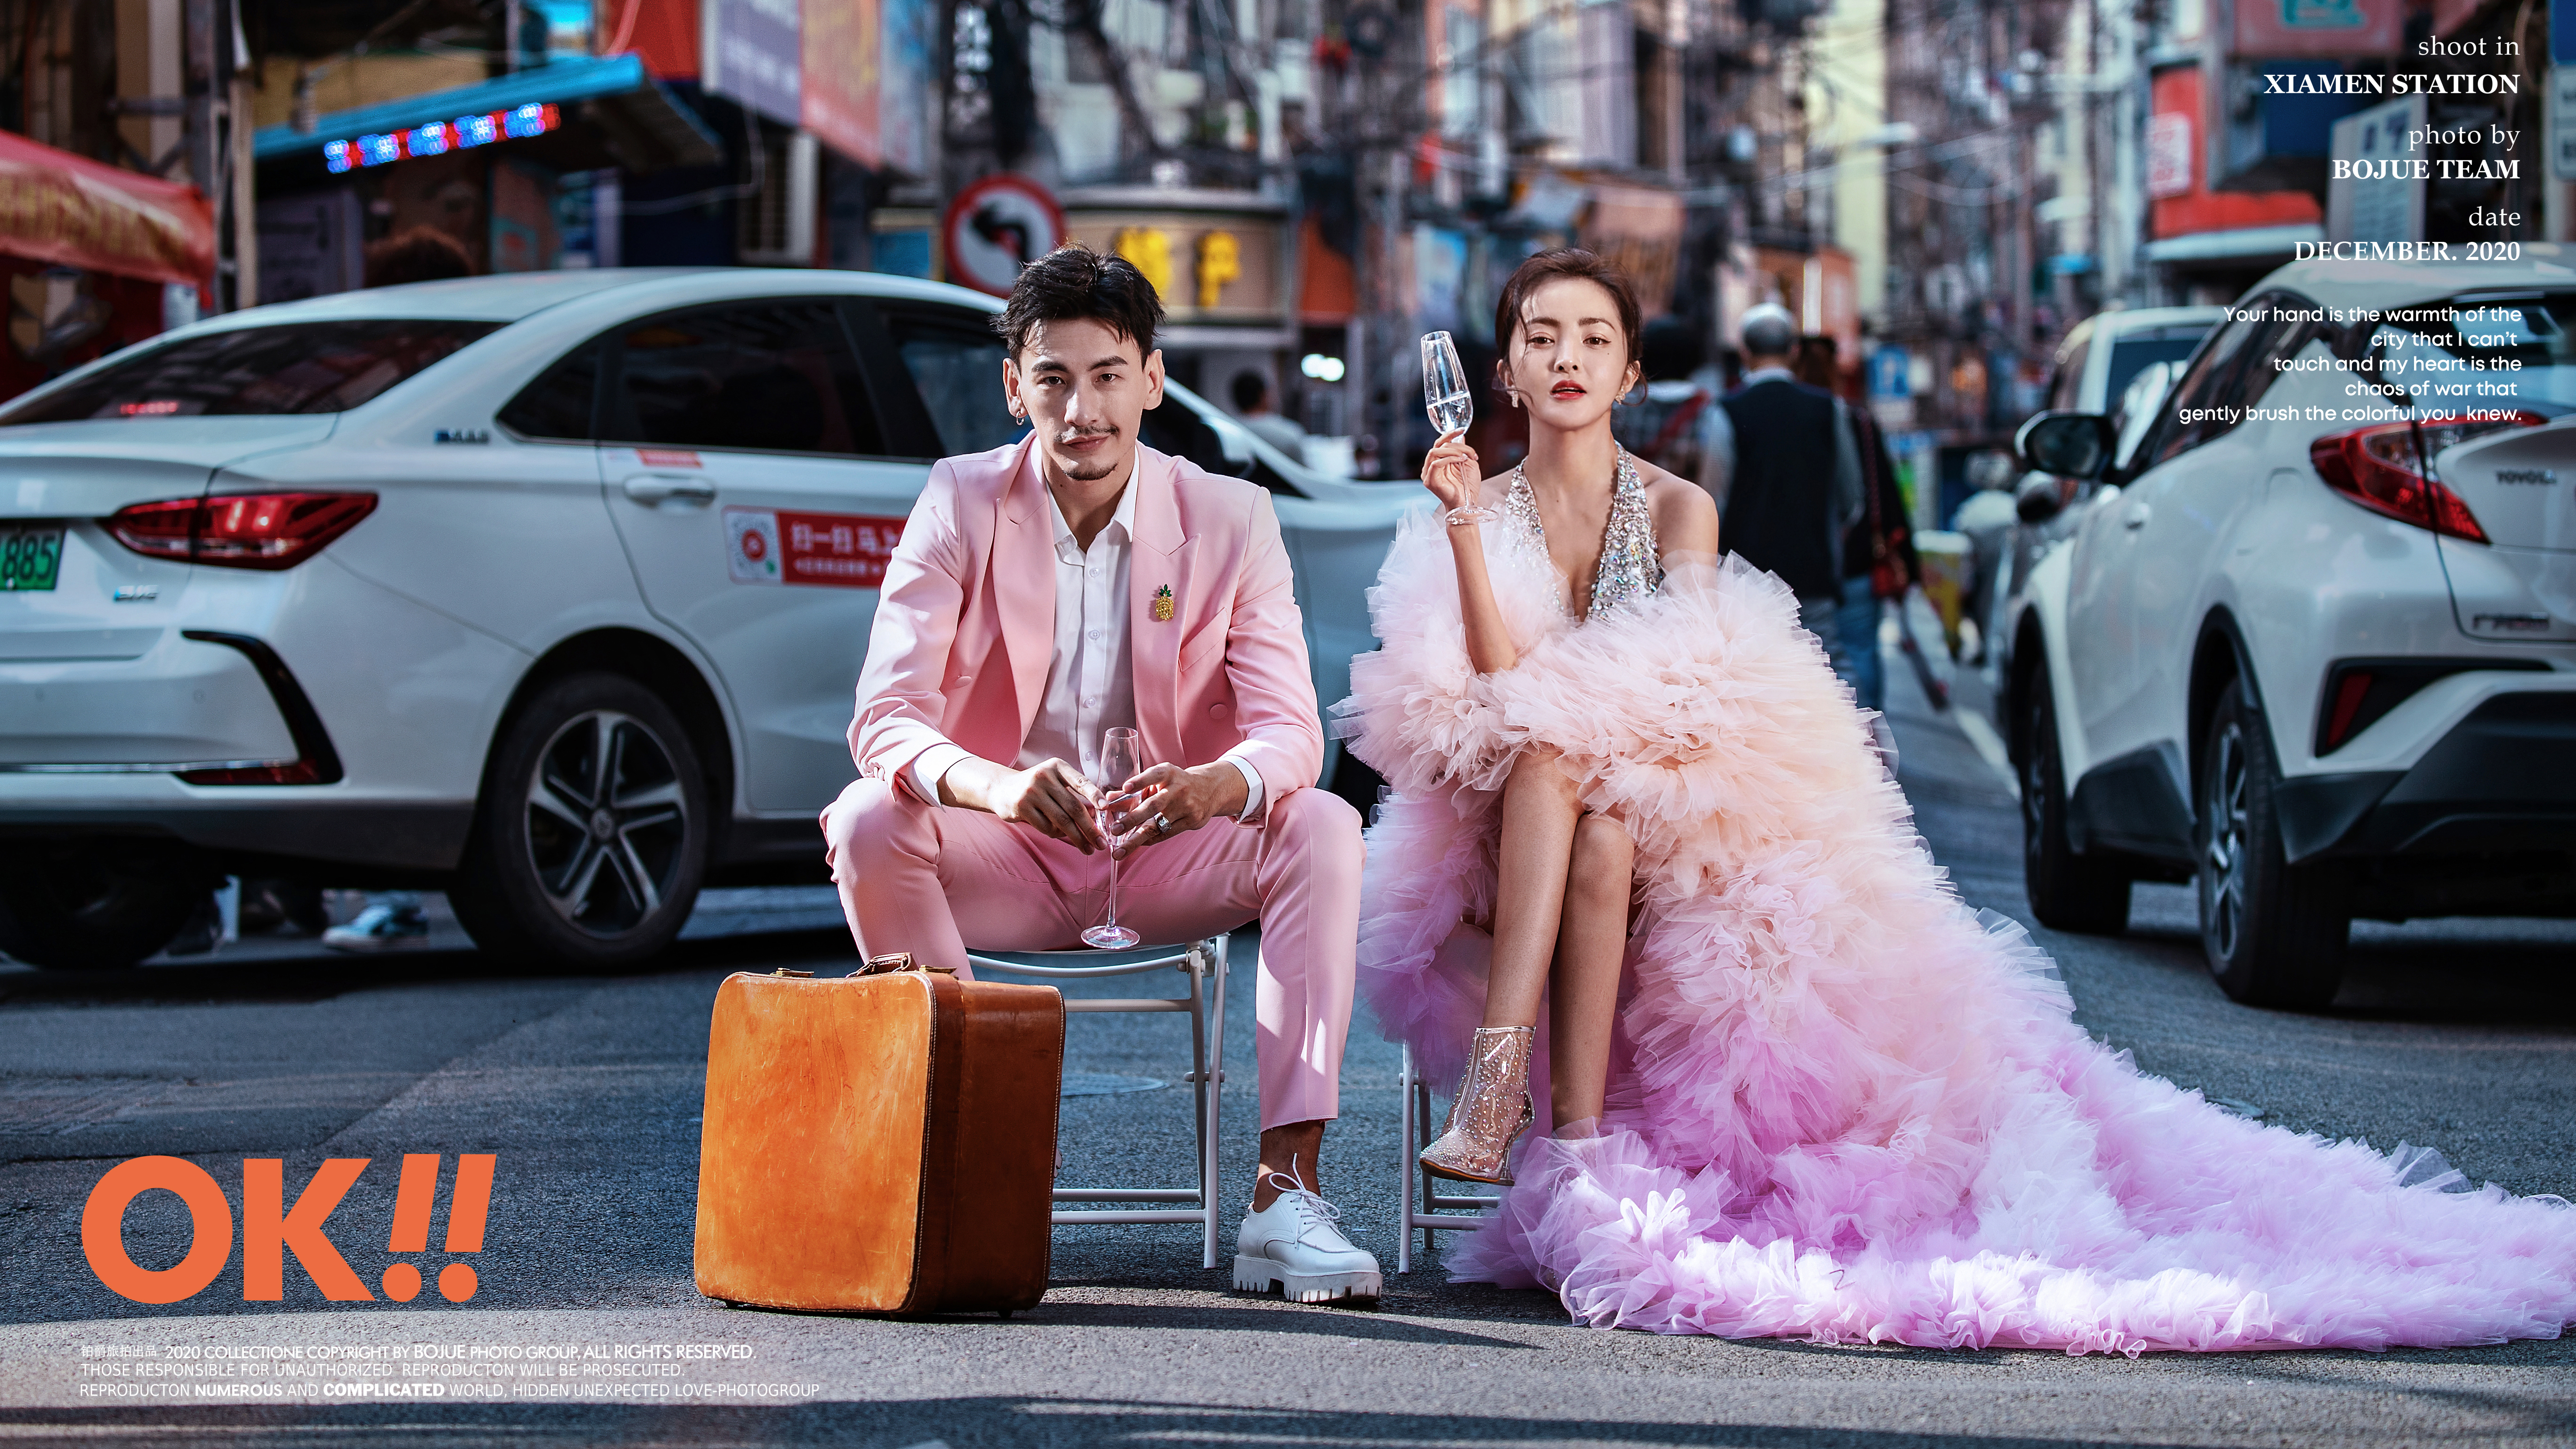 2020年厦门婚纱摄影 厦门拍婚纱照2月份价格行情一览